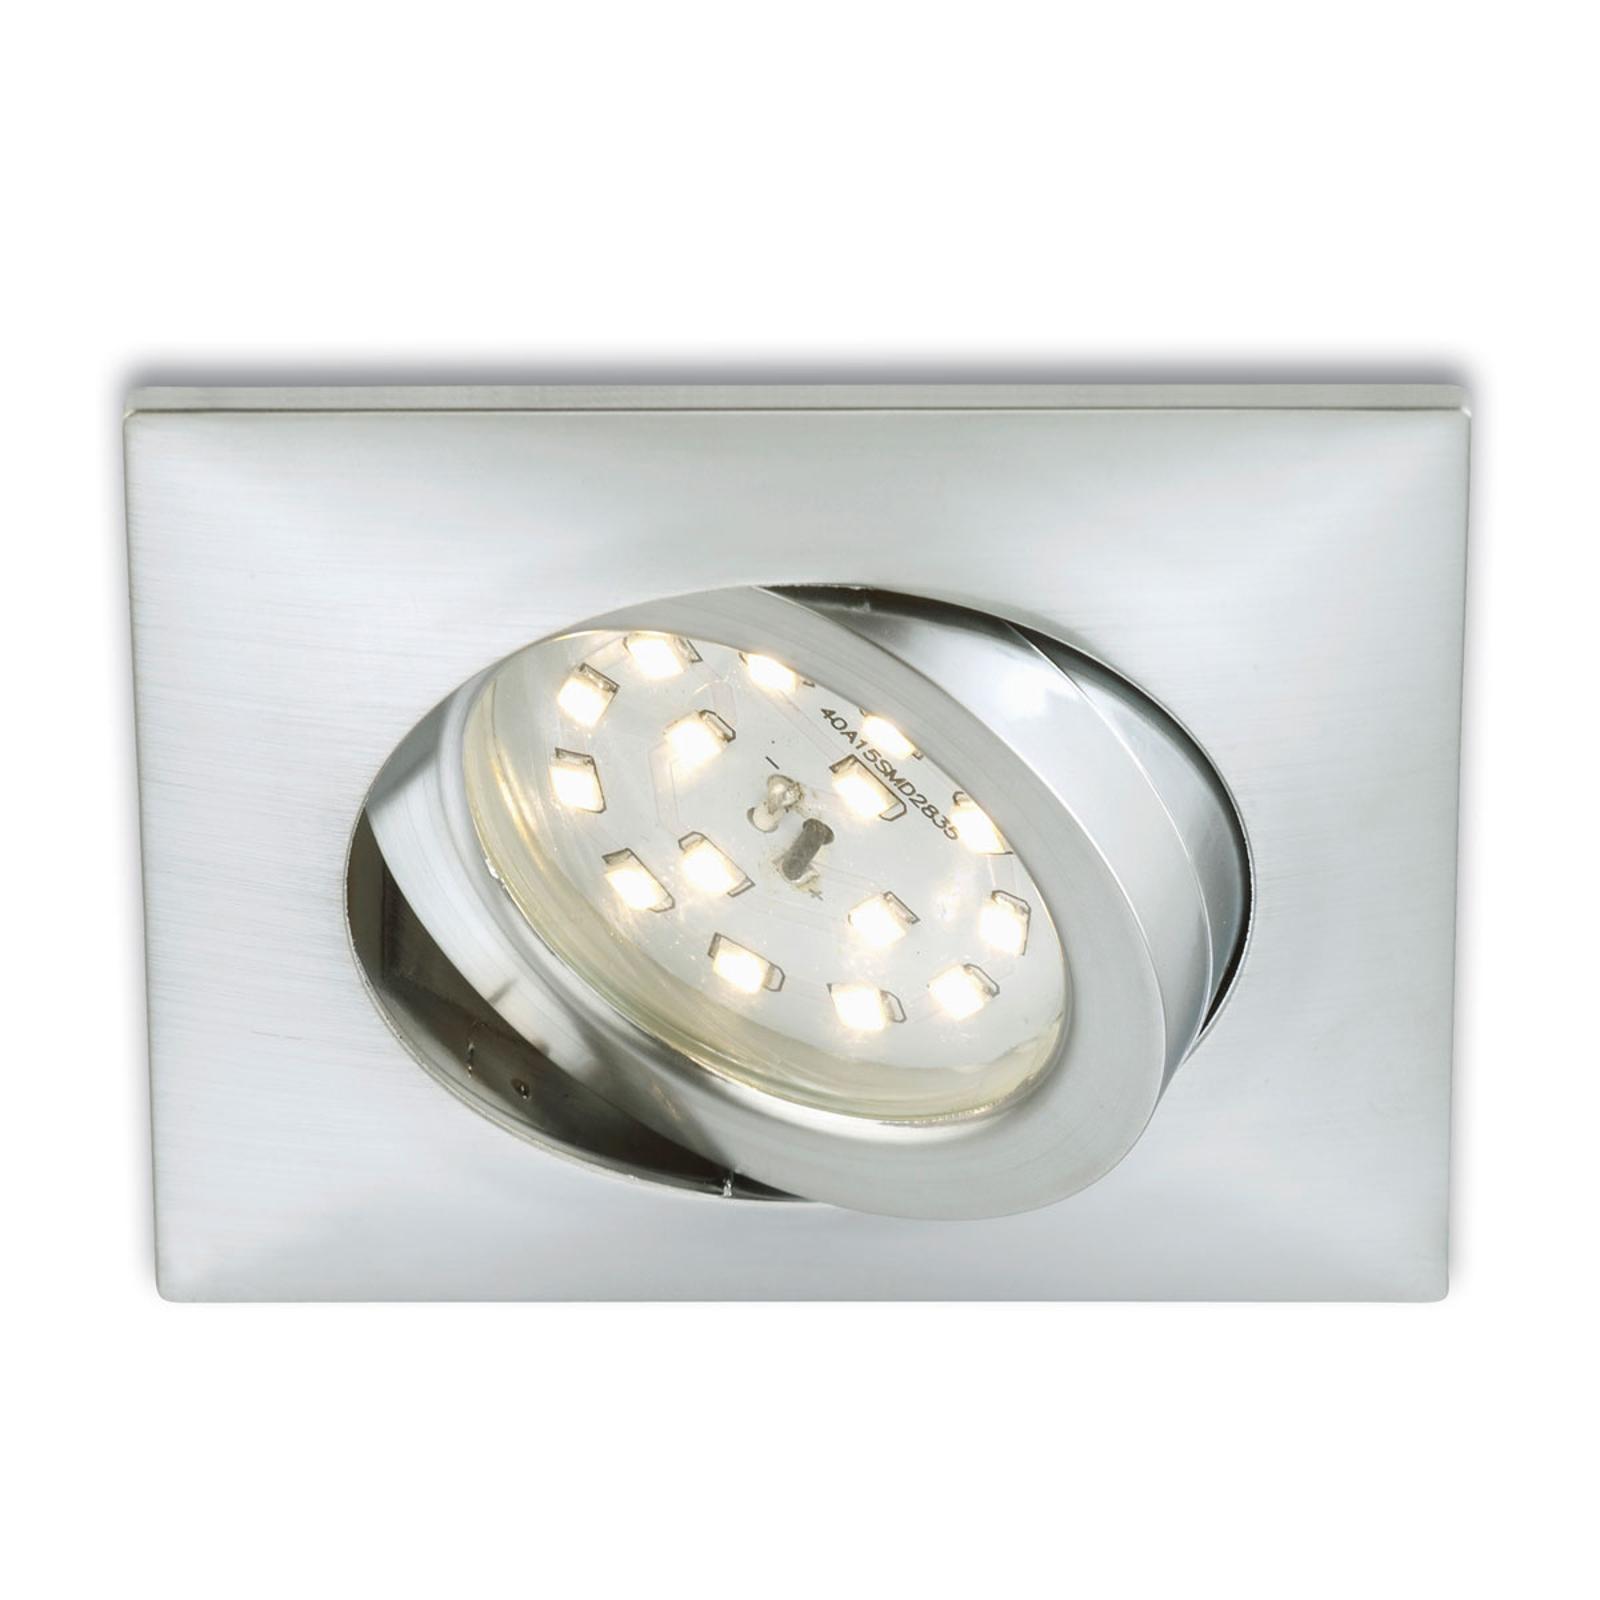 LED podhledové bodové svítidlo Erik hranaté hliník